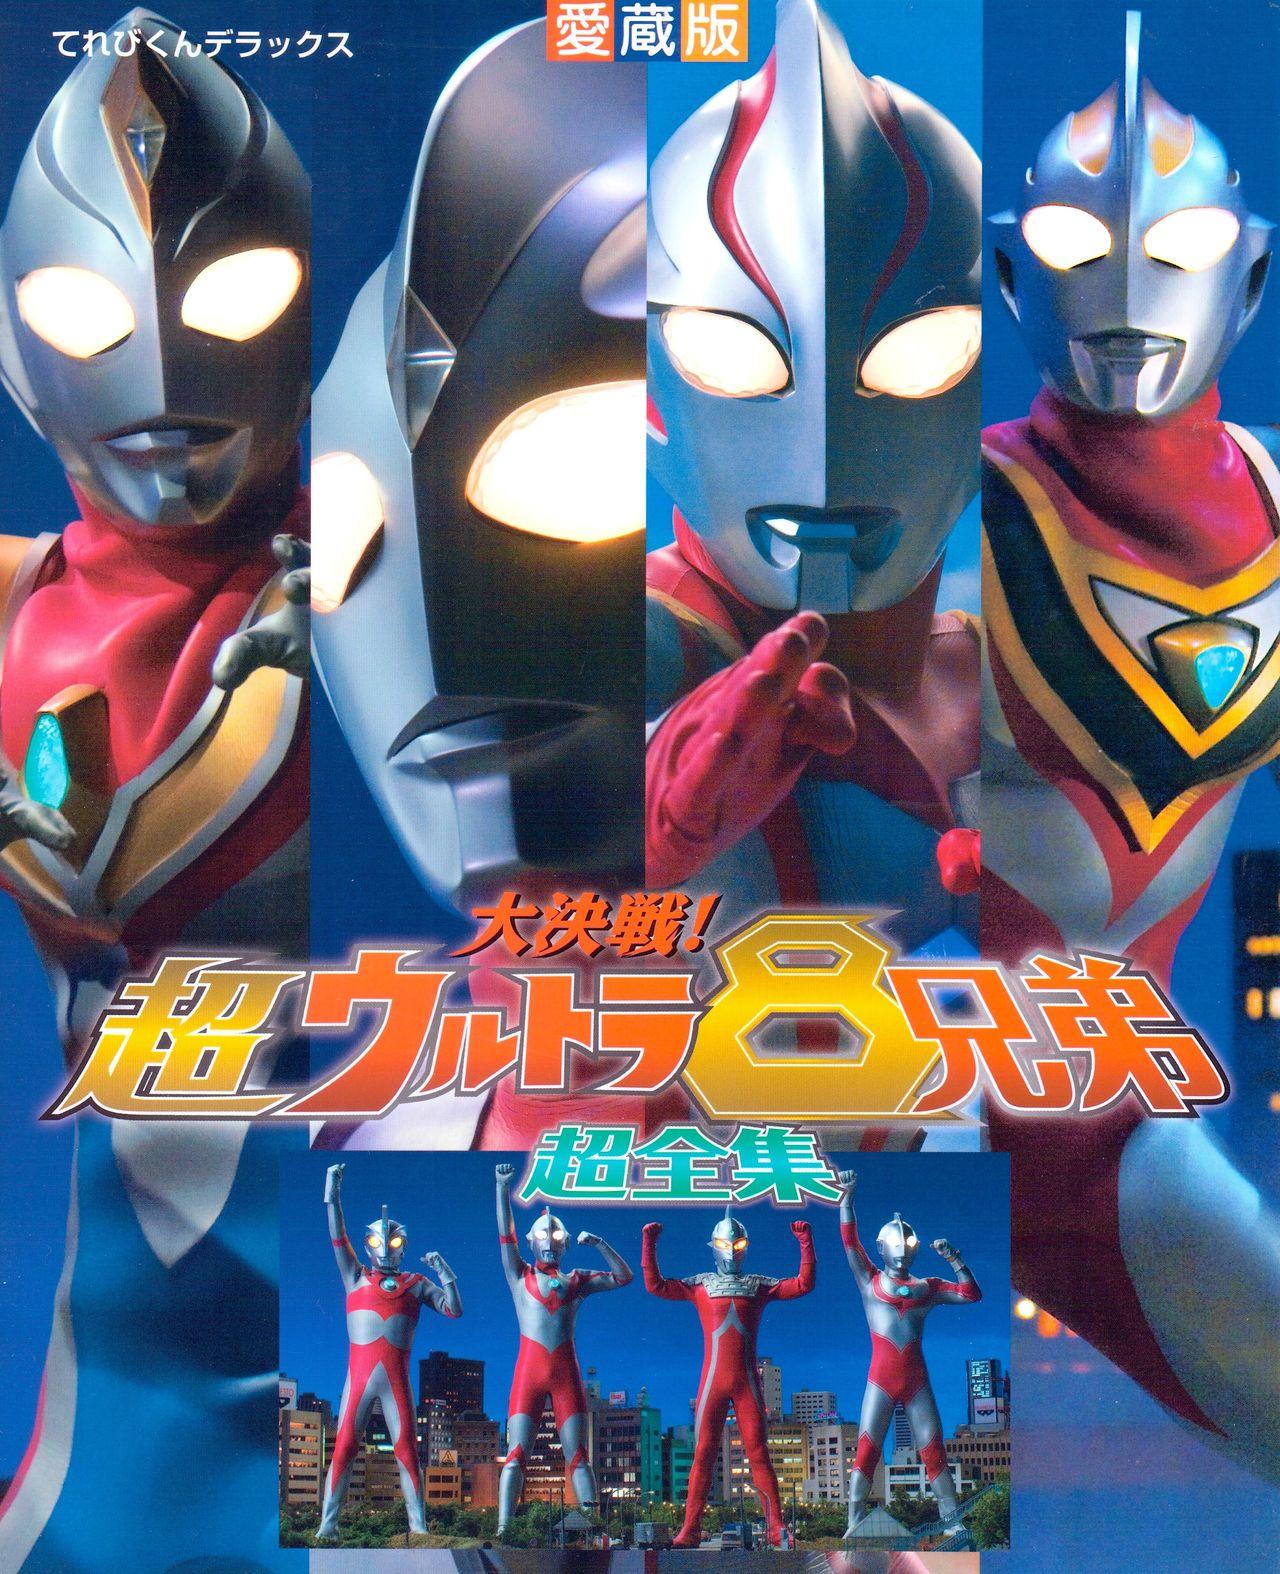 01:ultraman Super 8 1